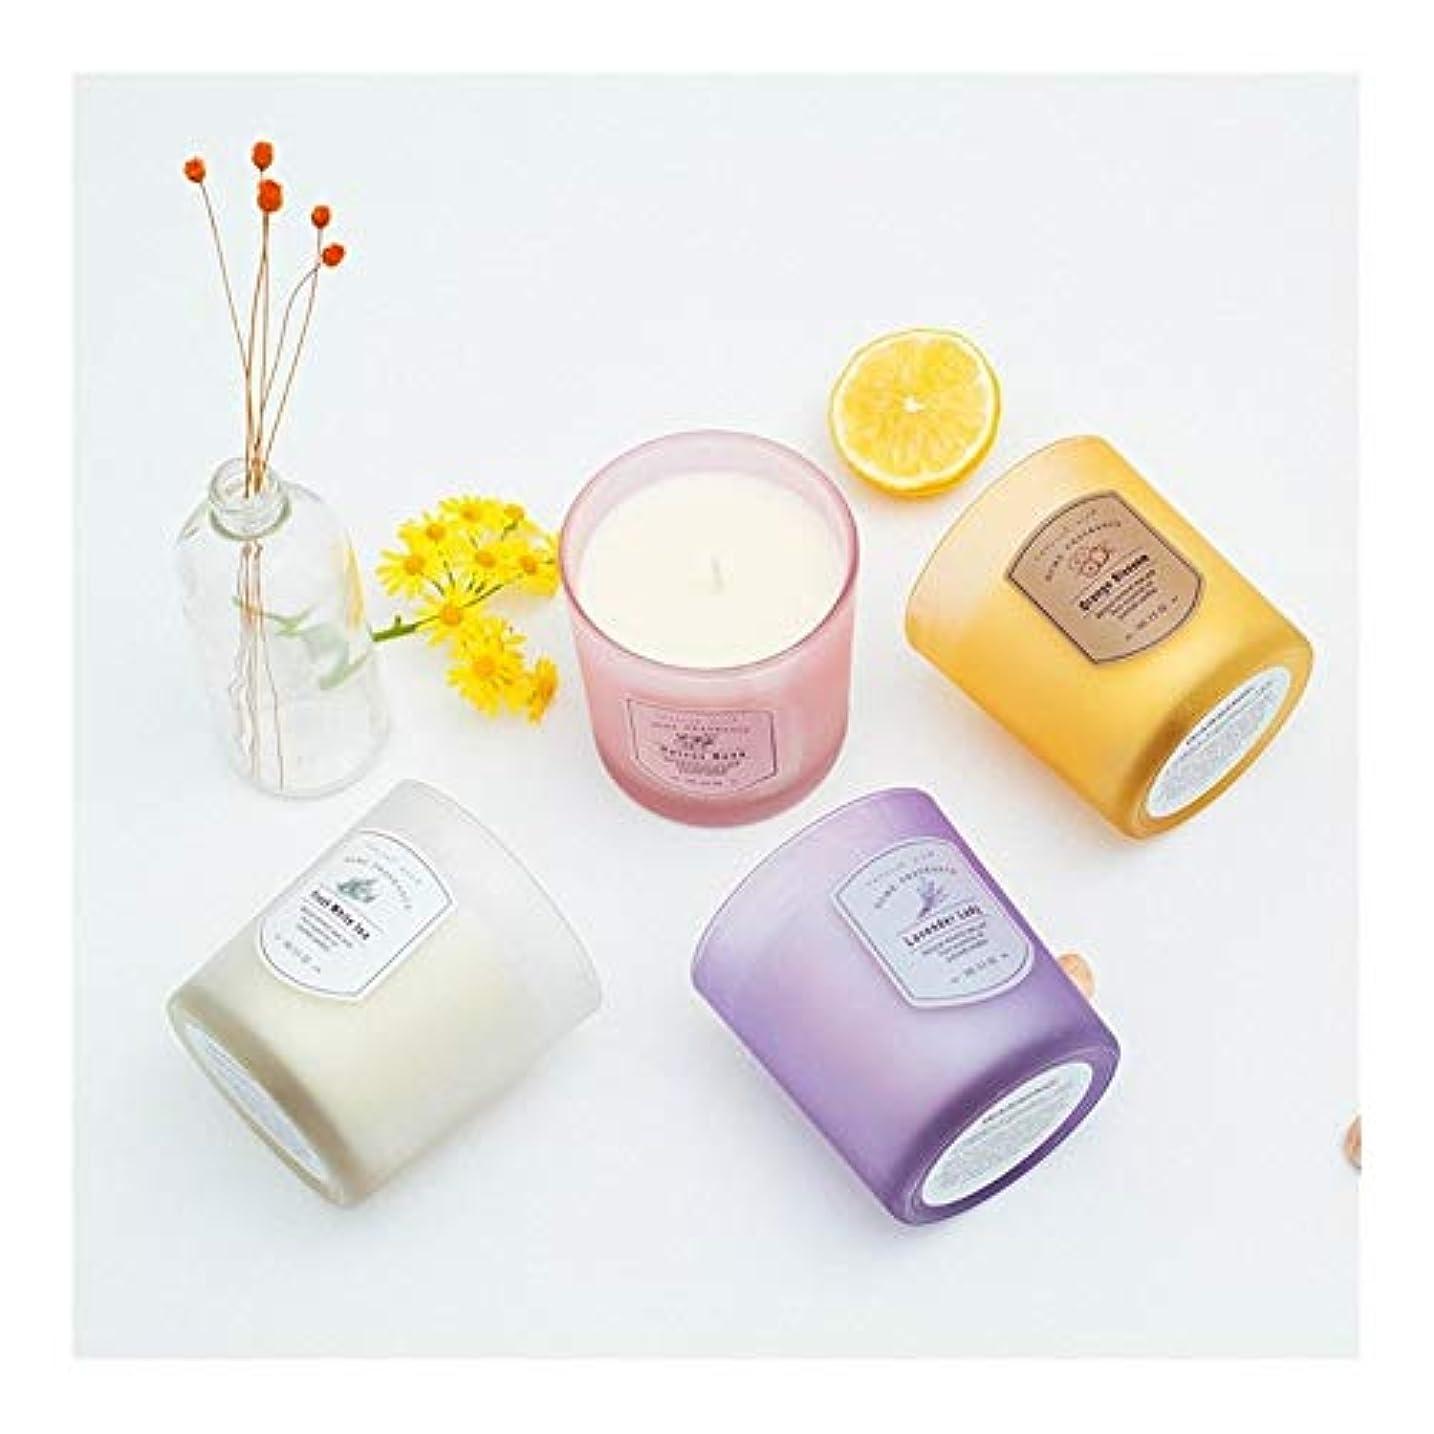 誇張破壊的袋Guomao キャンディーカラーフレグランスホームウォーマー無煙キャンドルアートアロマセラピーレストランロマンチックキャンドル (色 : Purple)